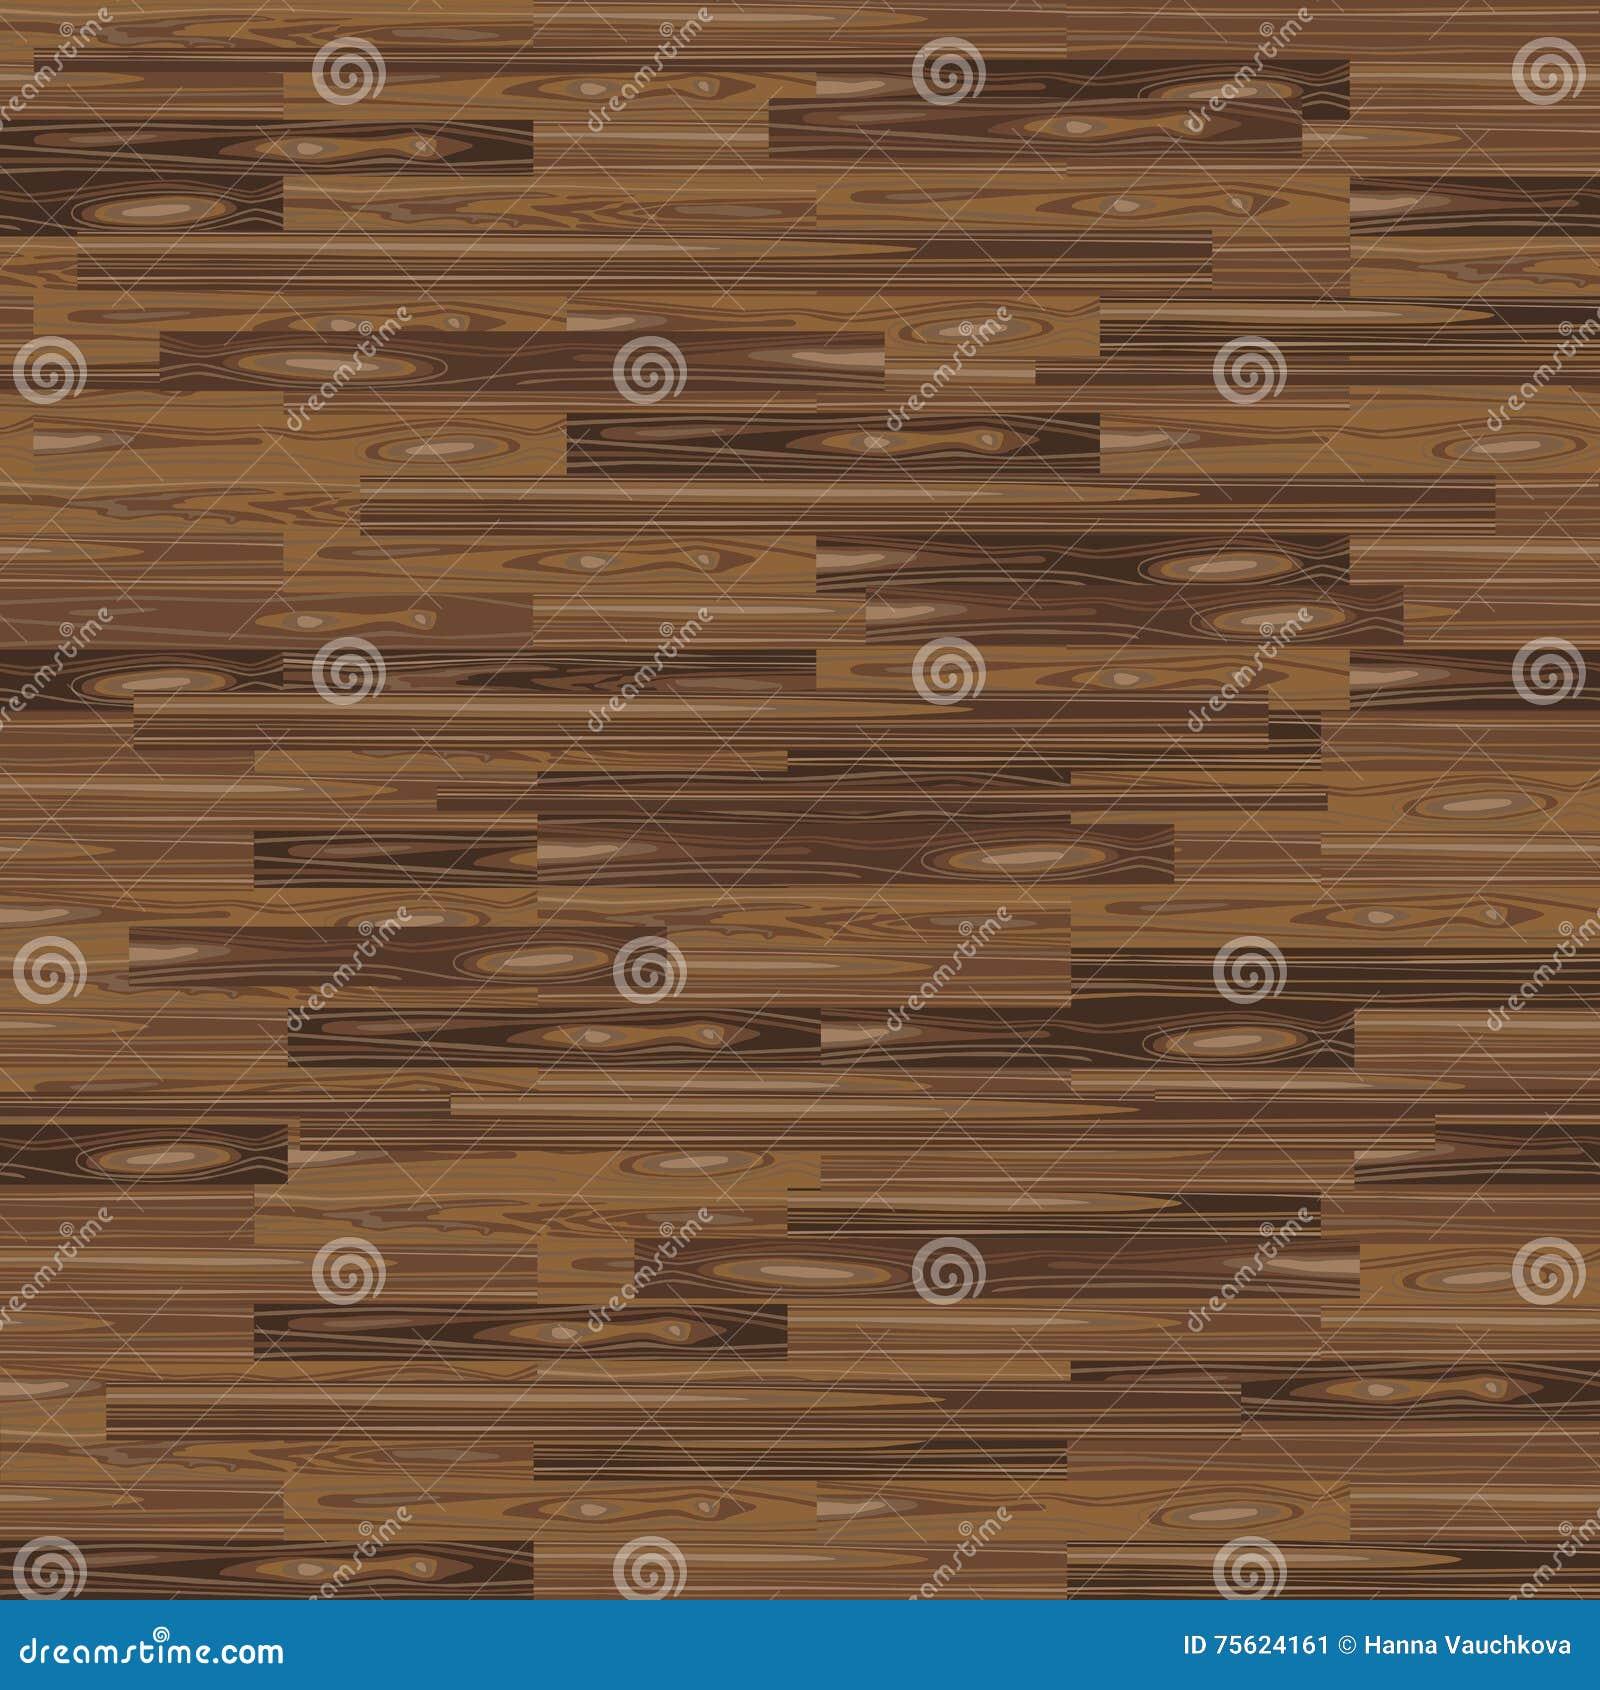 Download Nahtloses Parkett Parquetry Beschaffenheit Bodenhintergrund Vektor  Holz Muster Laminat Mit Planken Für